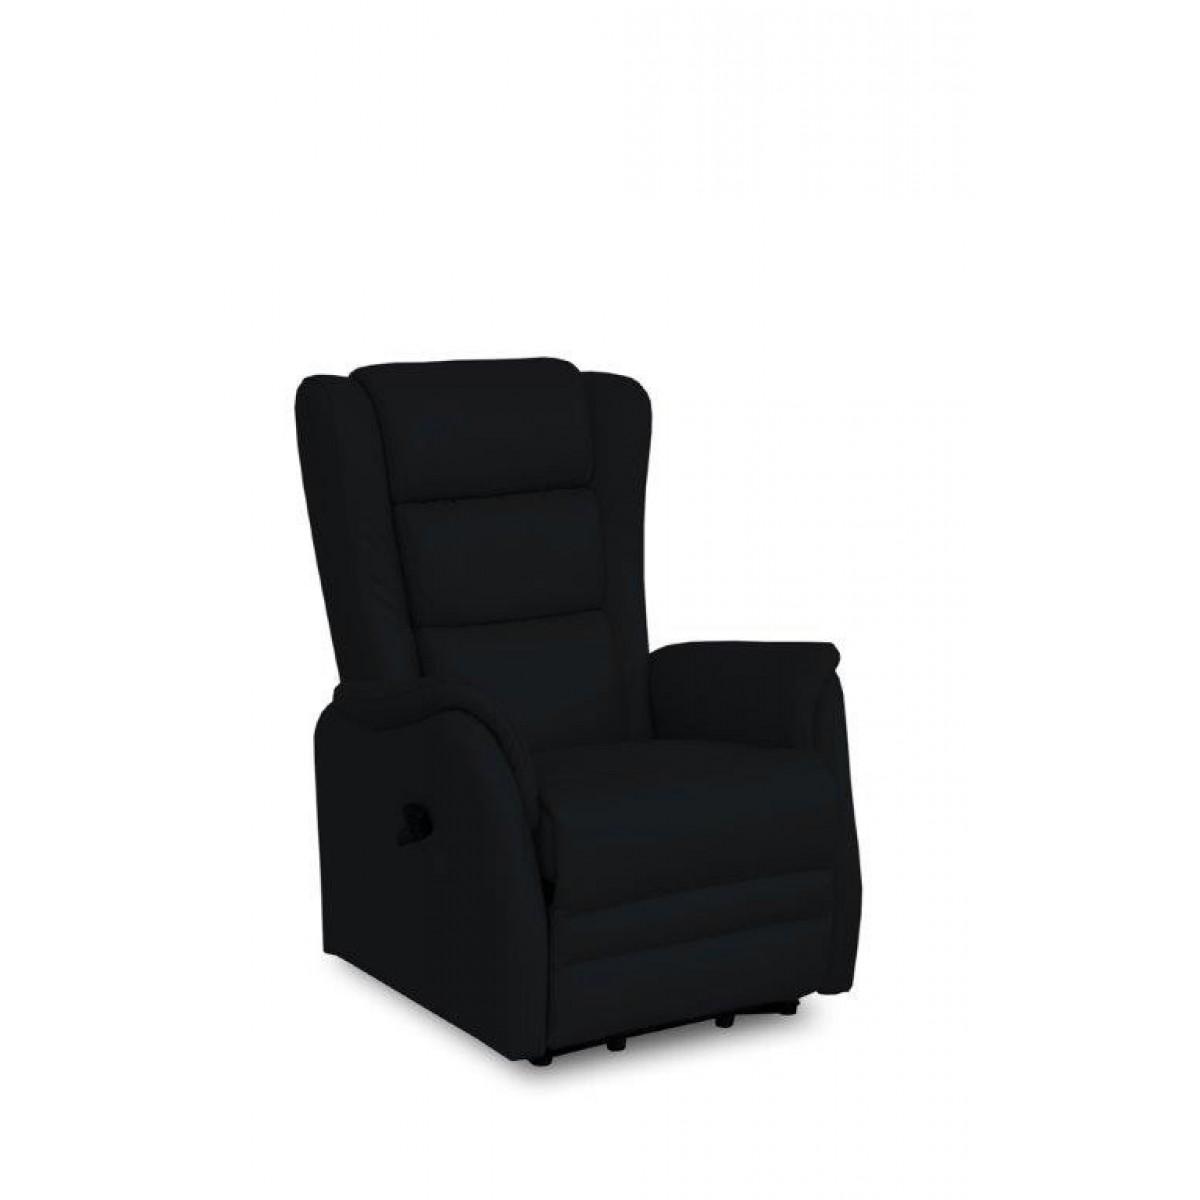 sta-op-hulp-relaxfauteuil-chester-leder-zwart-interdomus